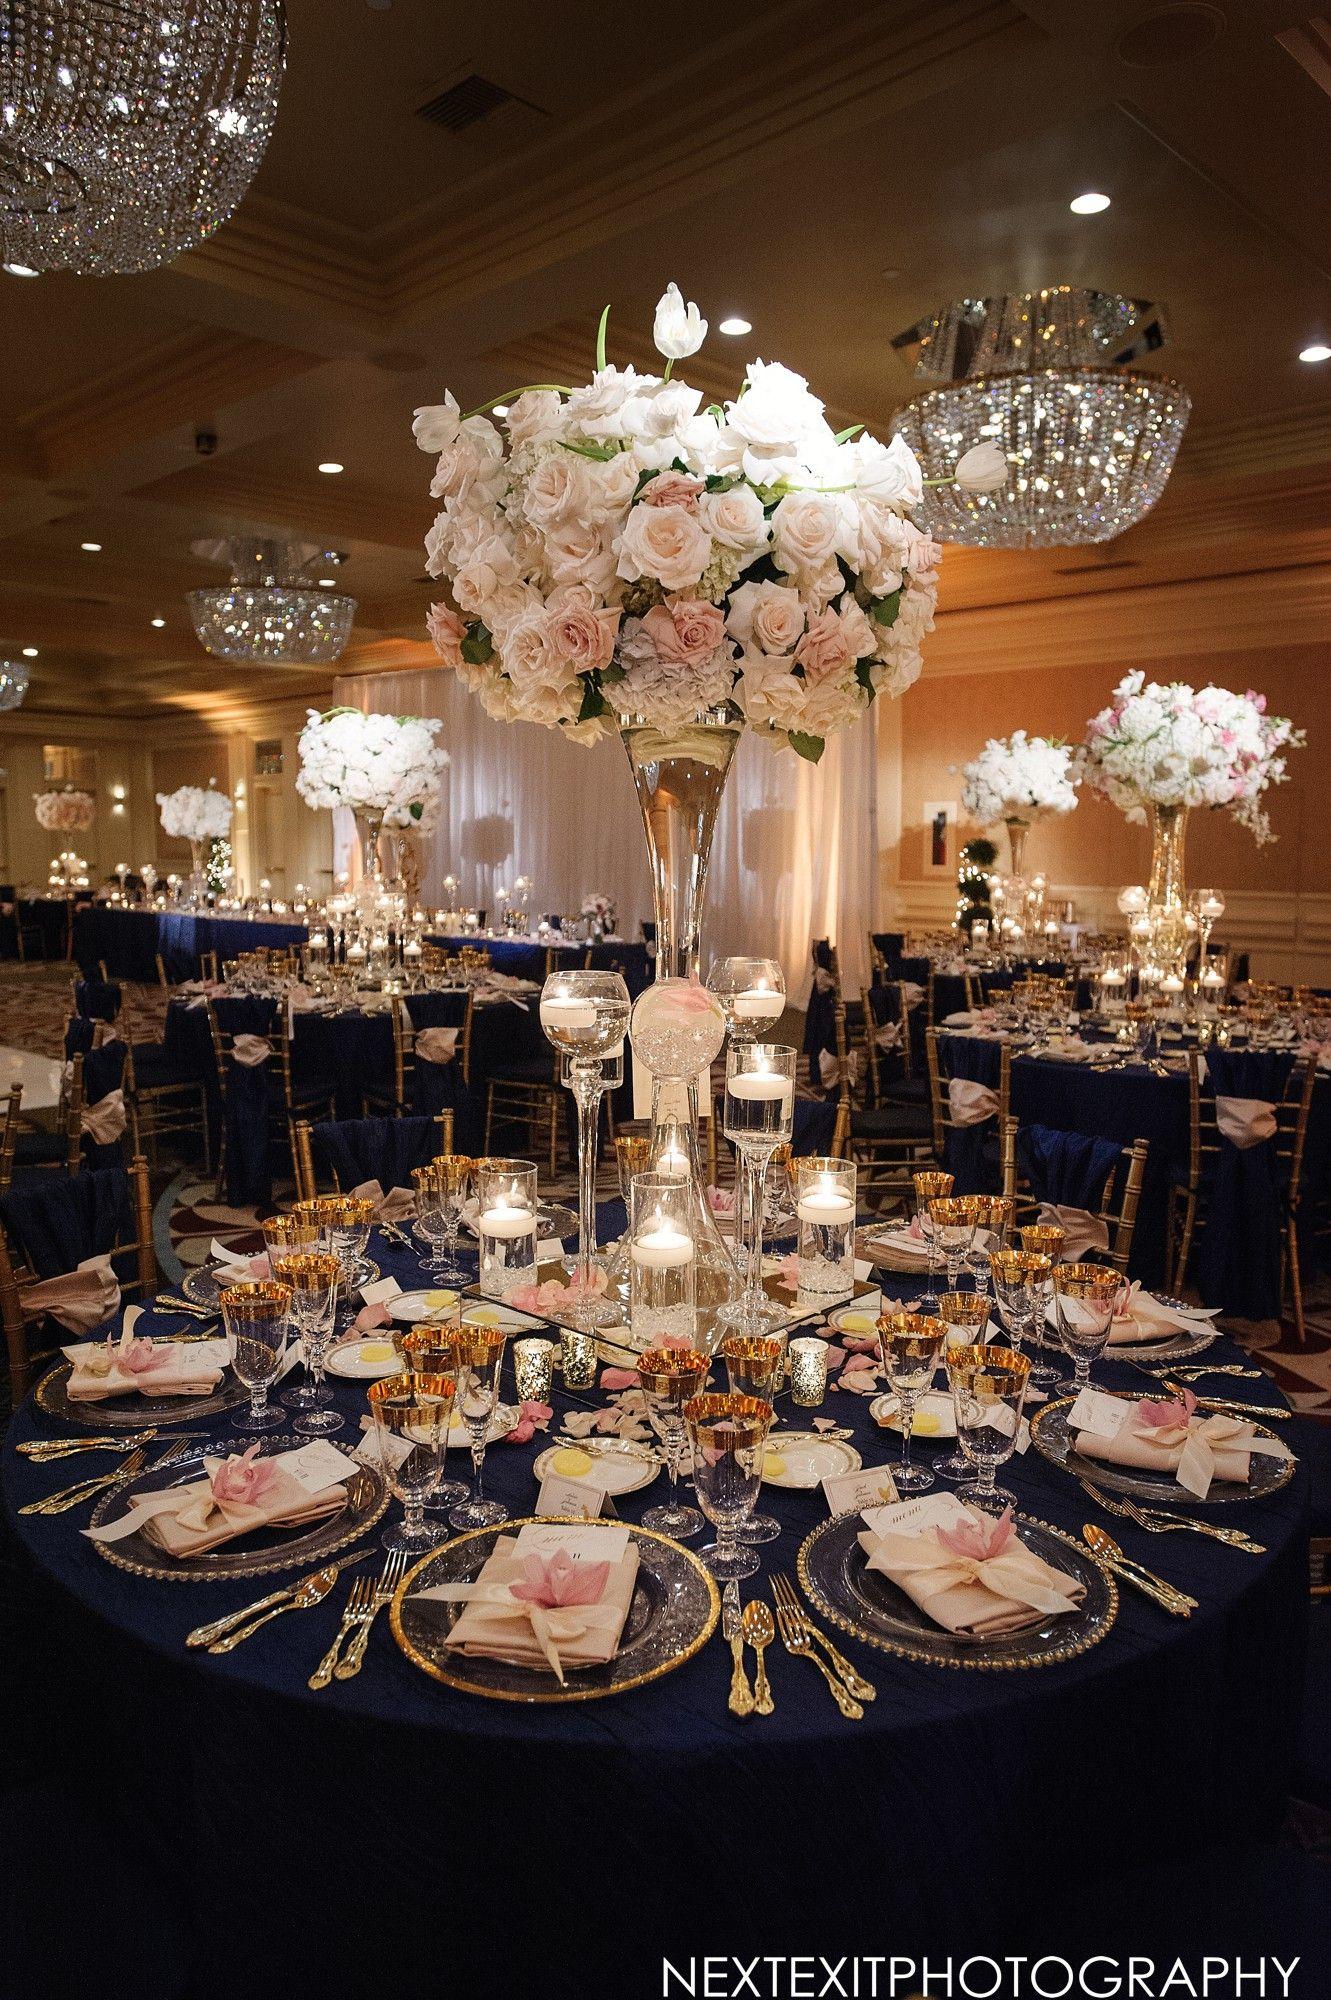 fairmont miramar hotel amp bungalows floral centerpieces